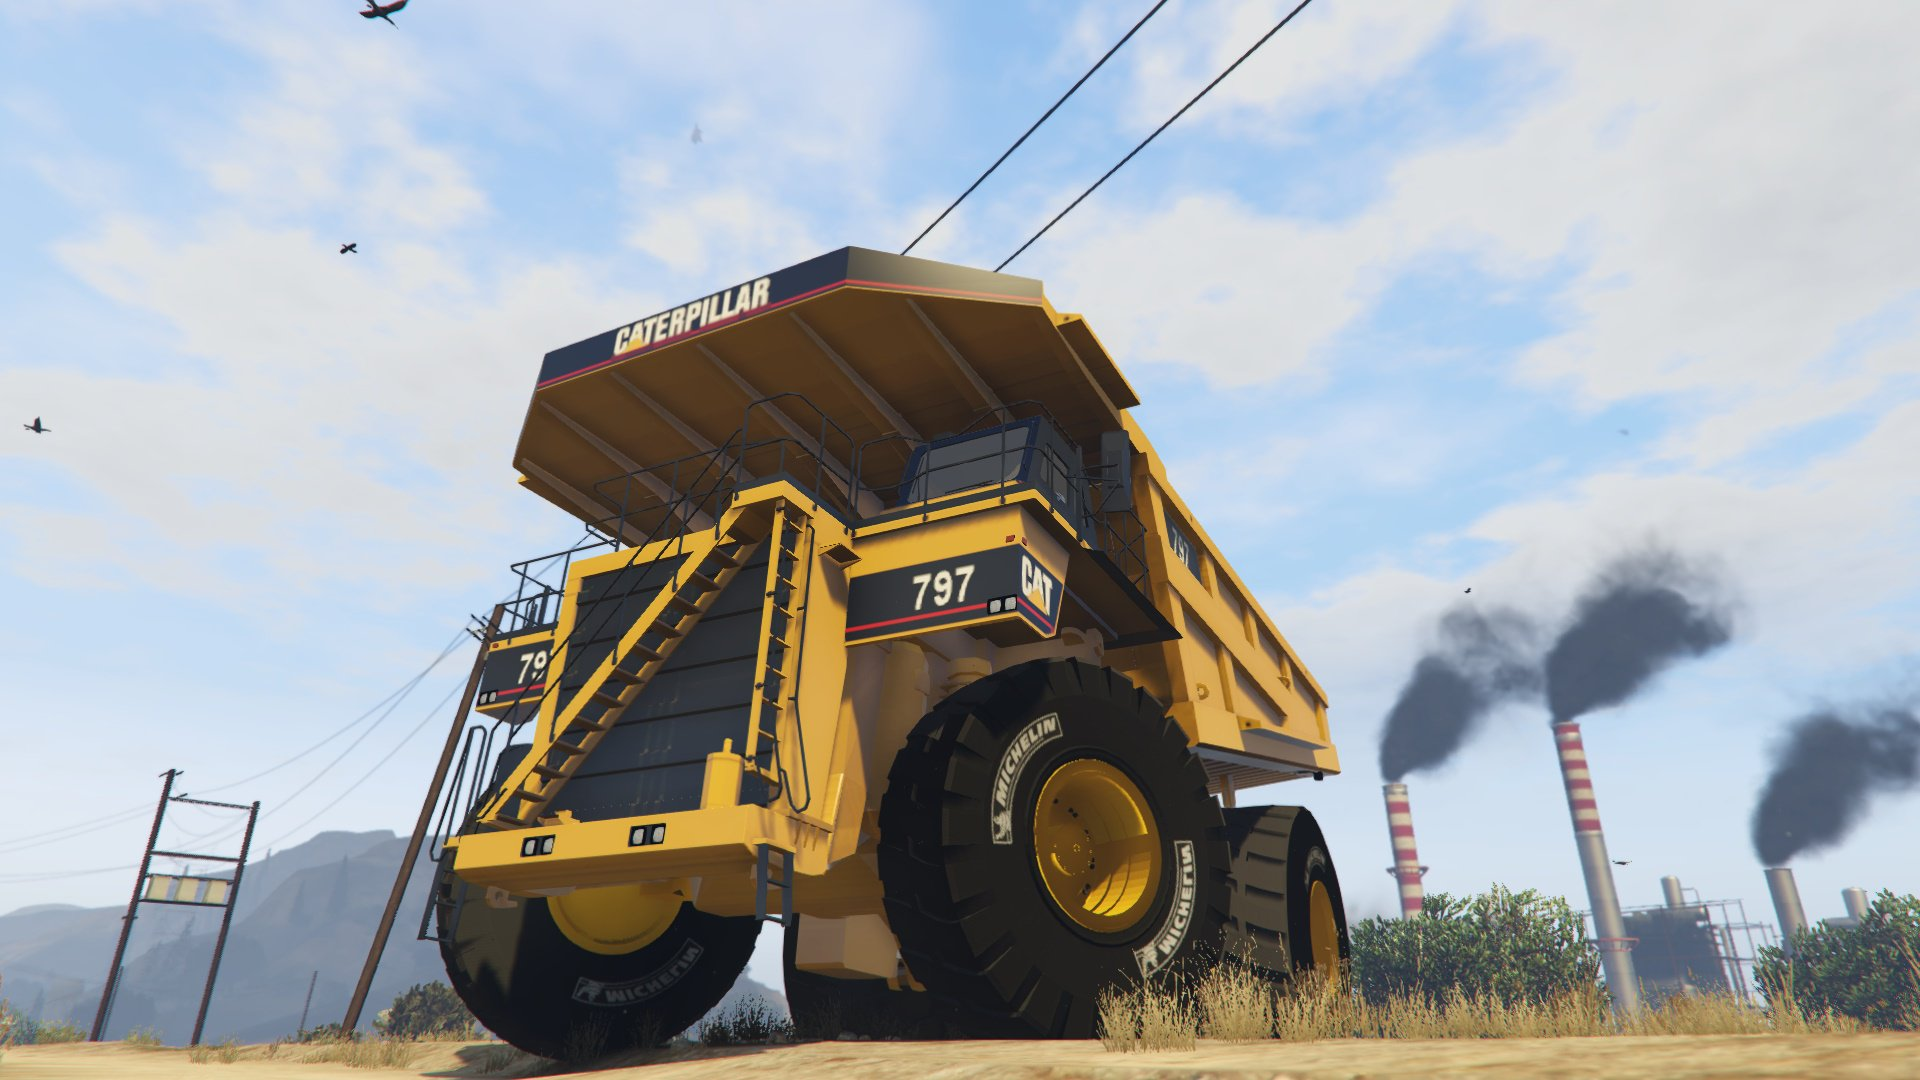 CAT 797 Dumper